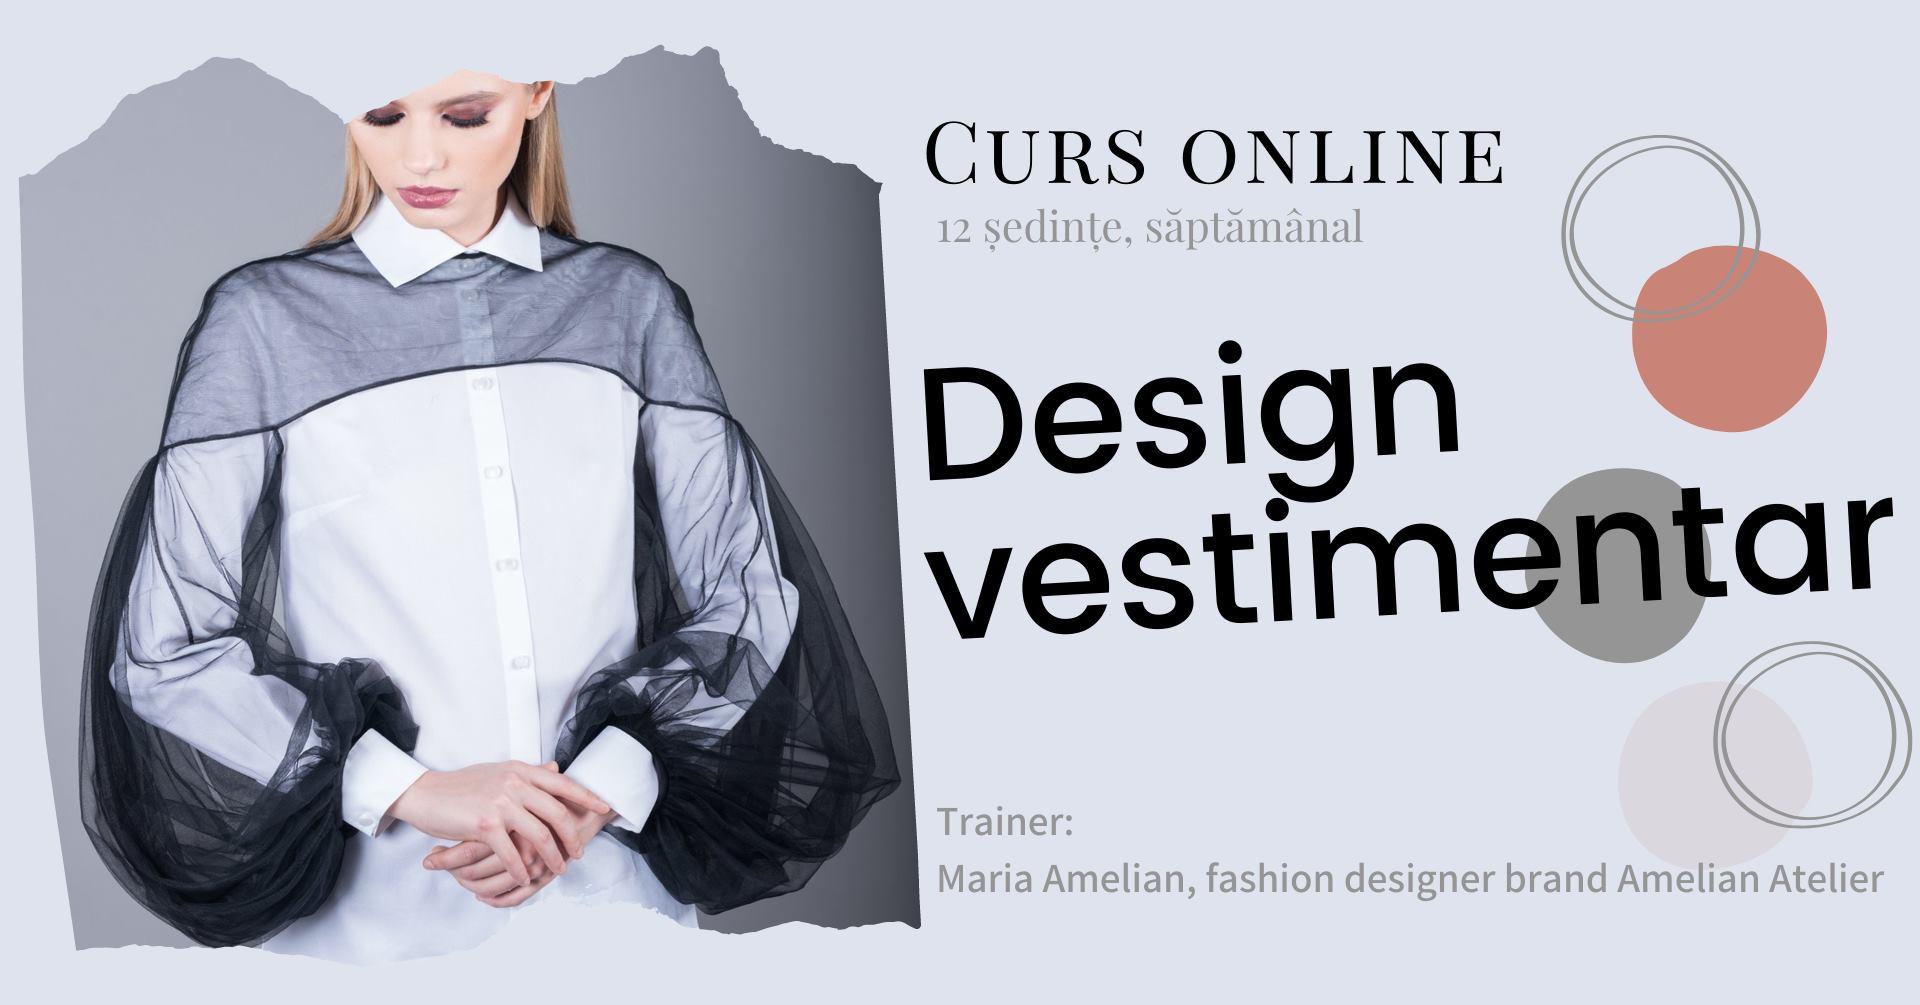 Curs Online: Design Vestimentar